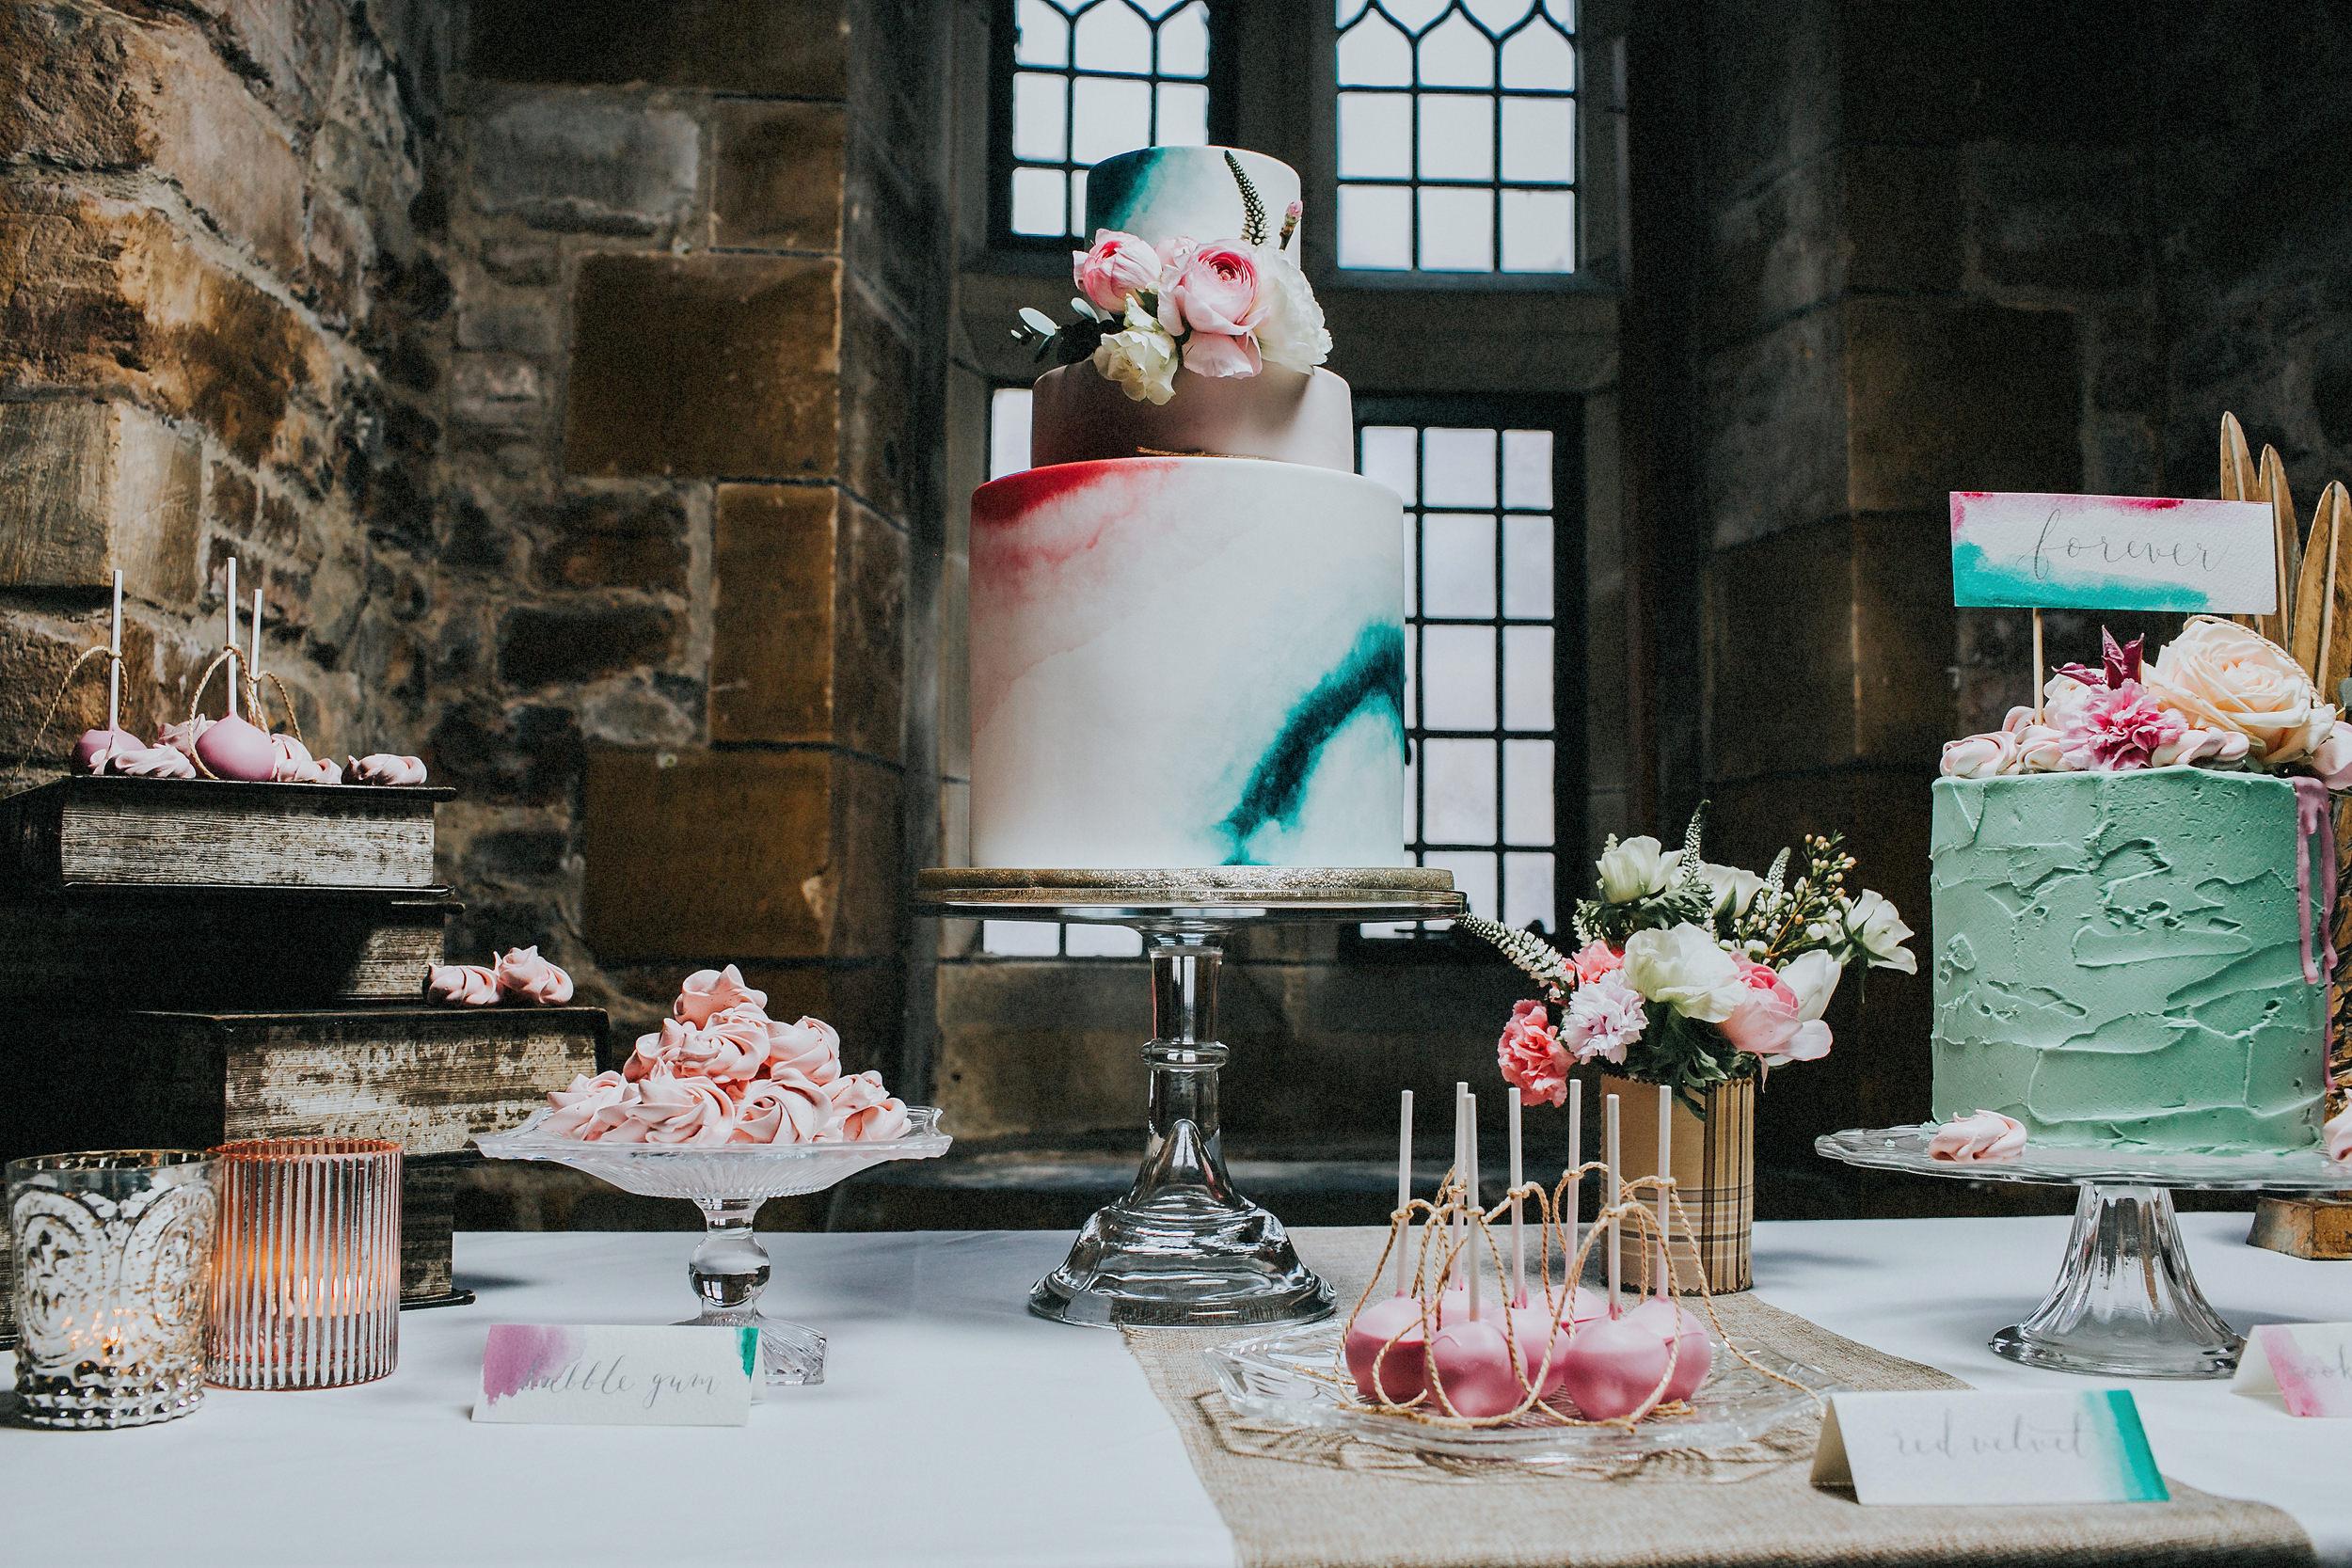 {Handpainted wedding Cakes} Creative & Unique Wedding Cakes   Unique wedding cakes Nottinghamshire